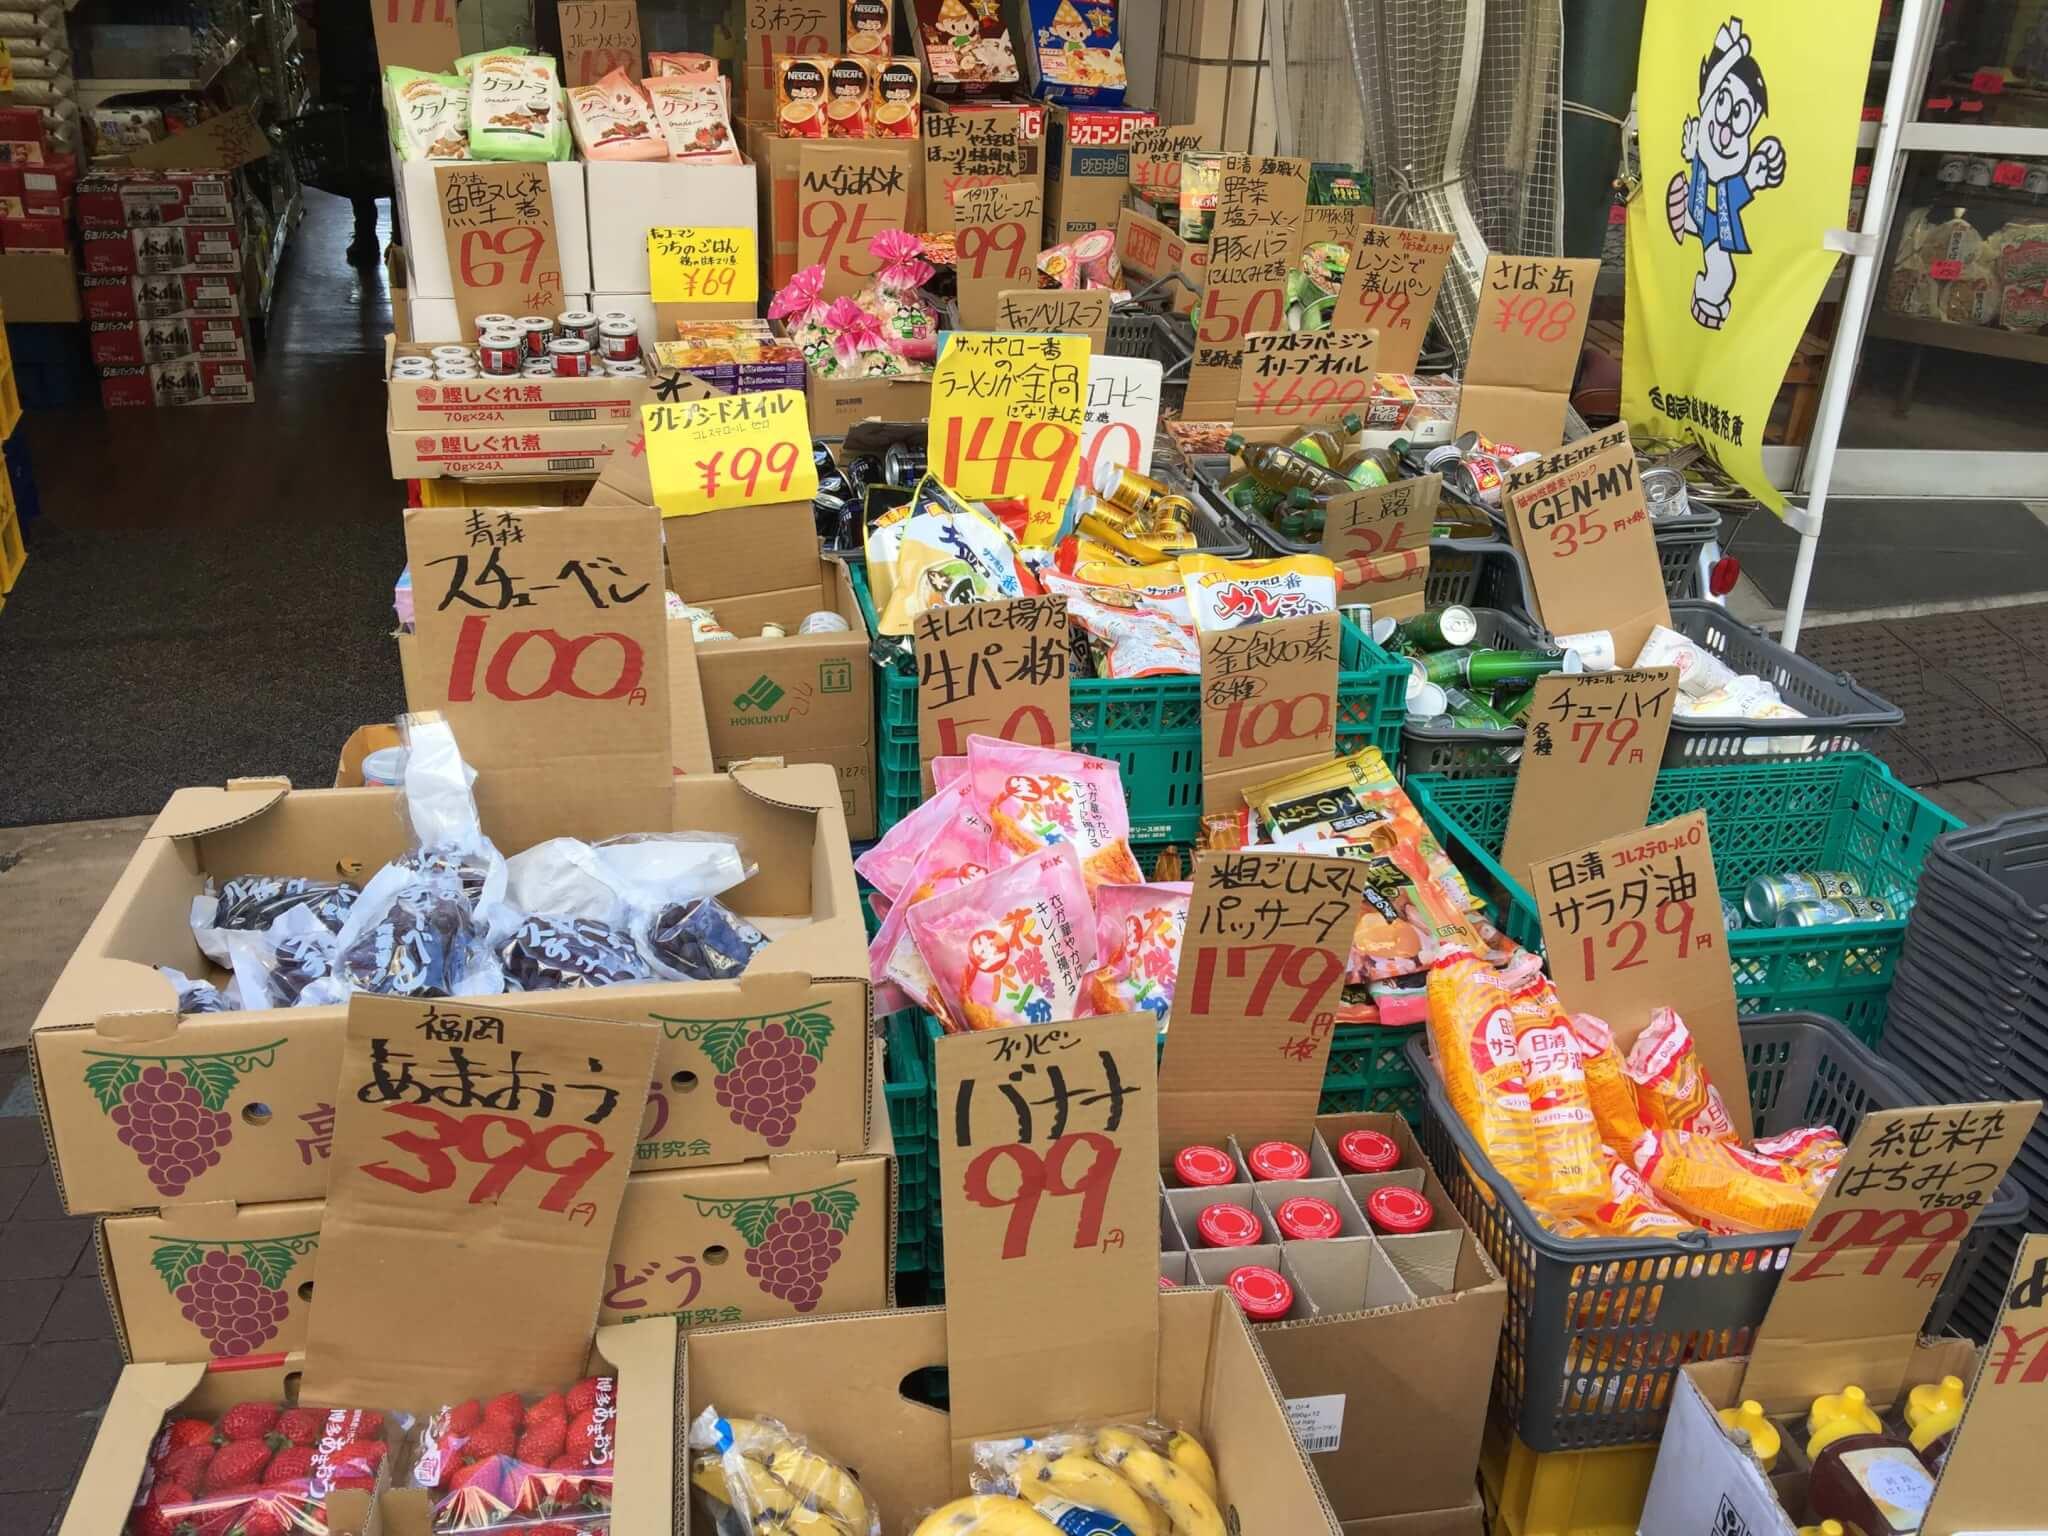 十条商店街激安本舗の野菜